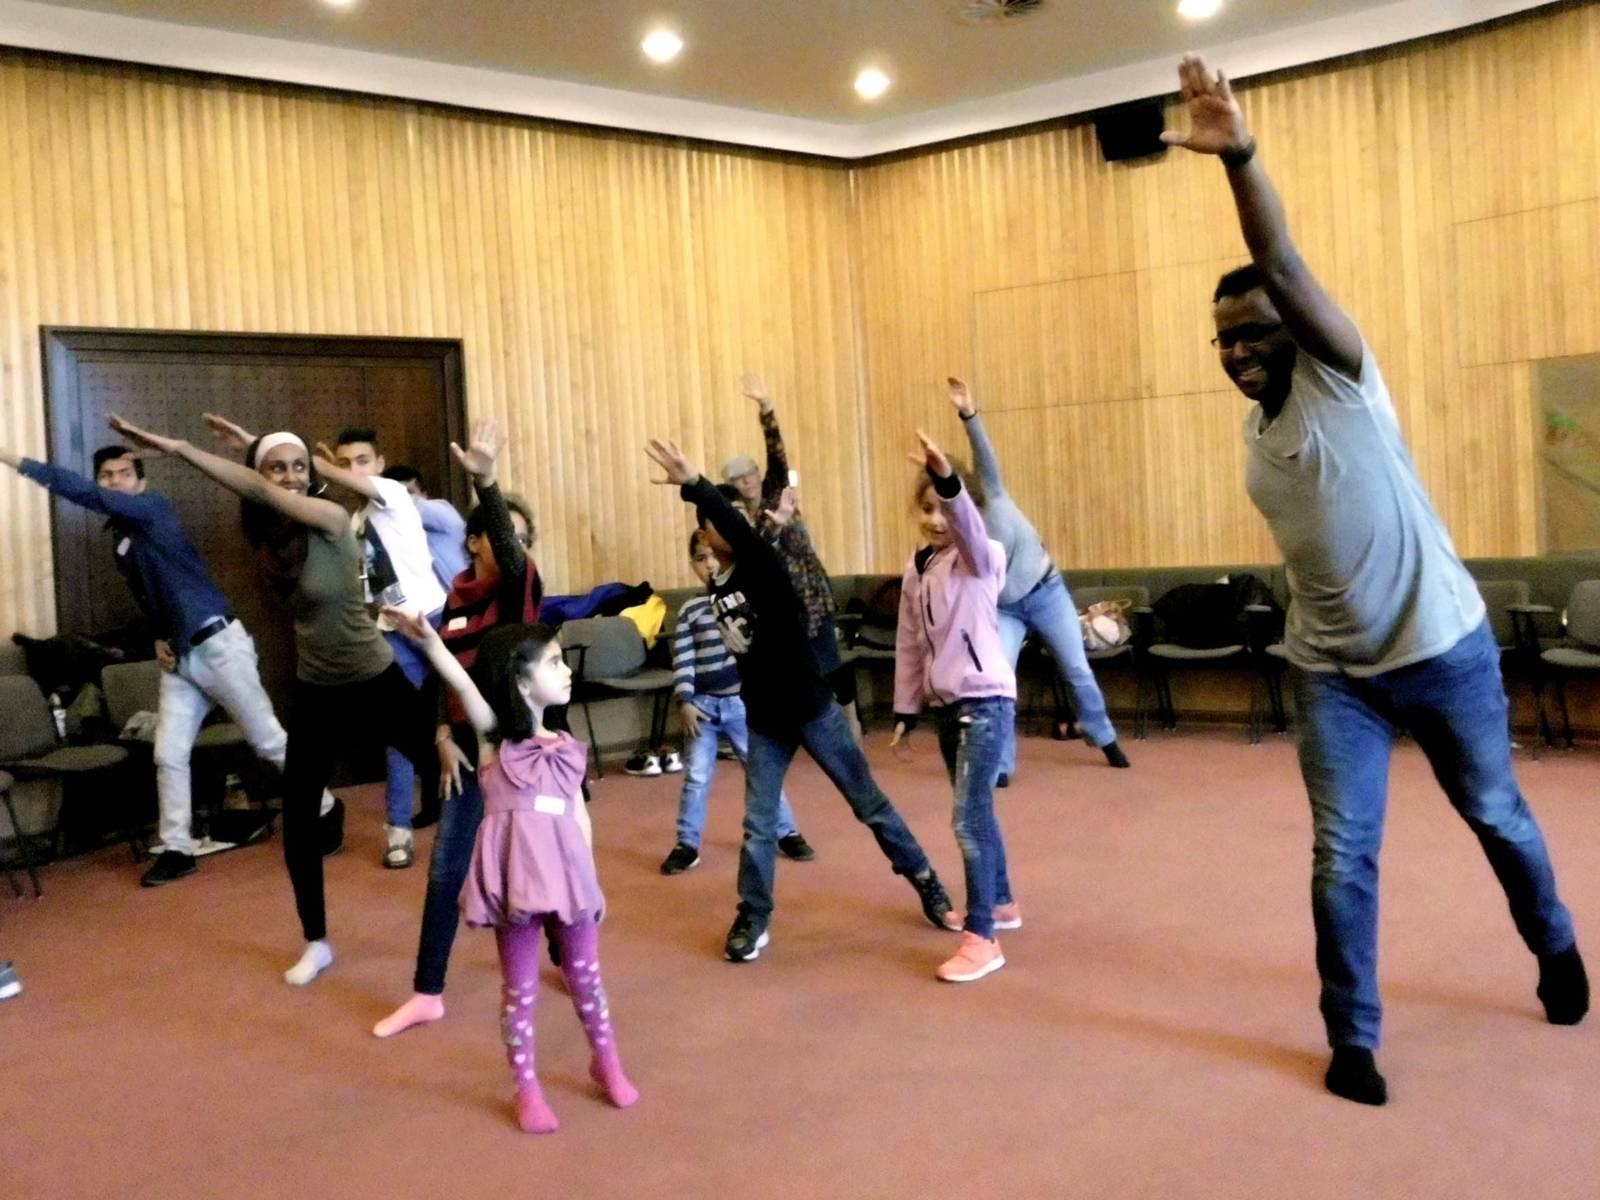 Kinder und Erwachsene beim Tanzen.